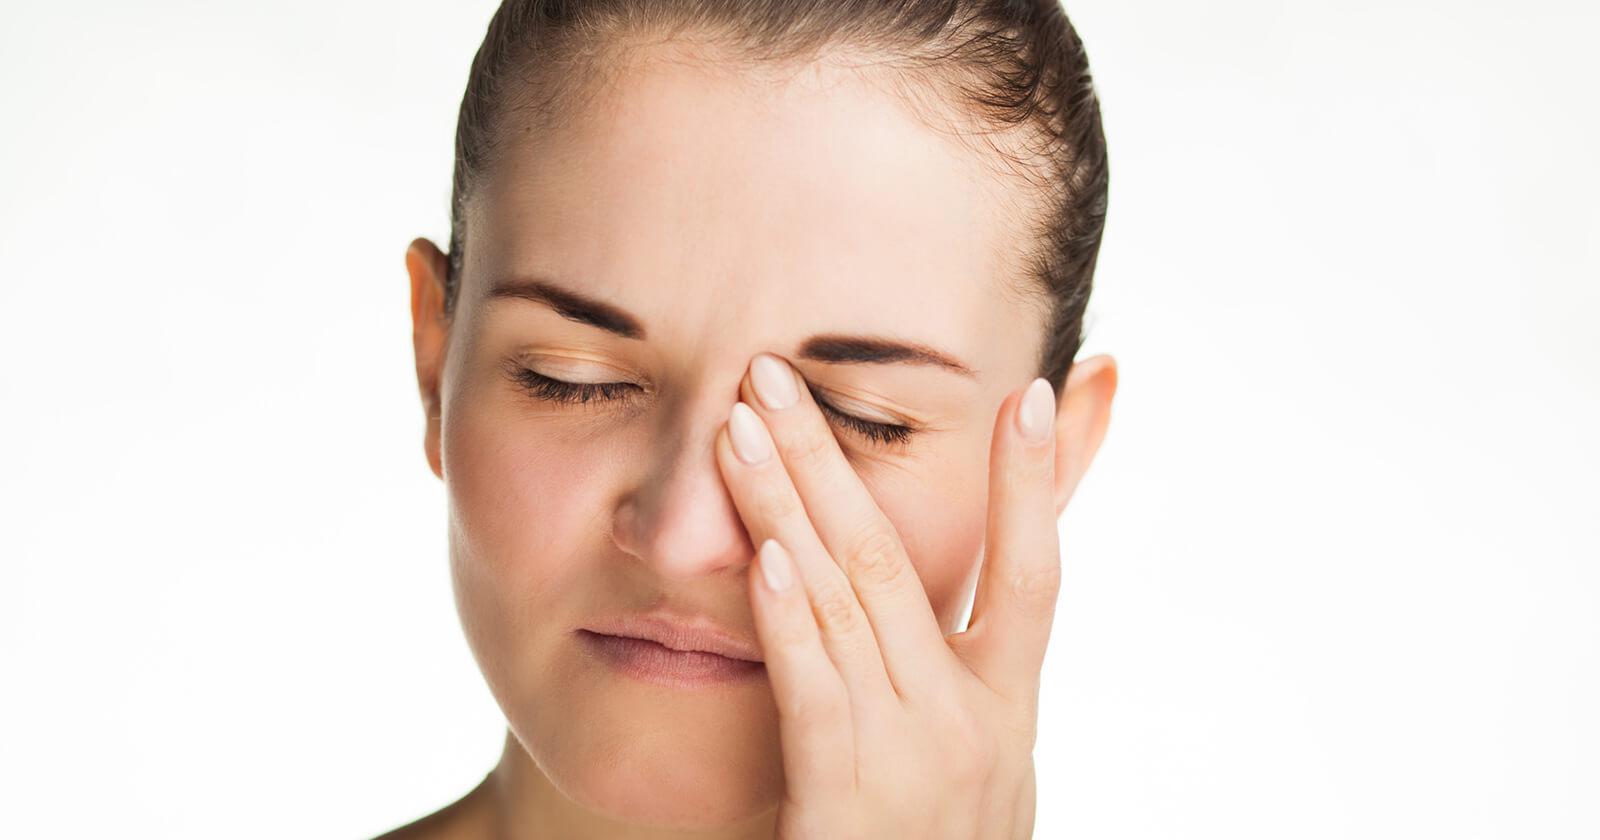 Nebenhöhlen zähne schmerzen Druckschmerz Zähne